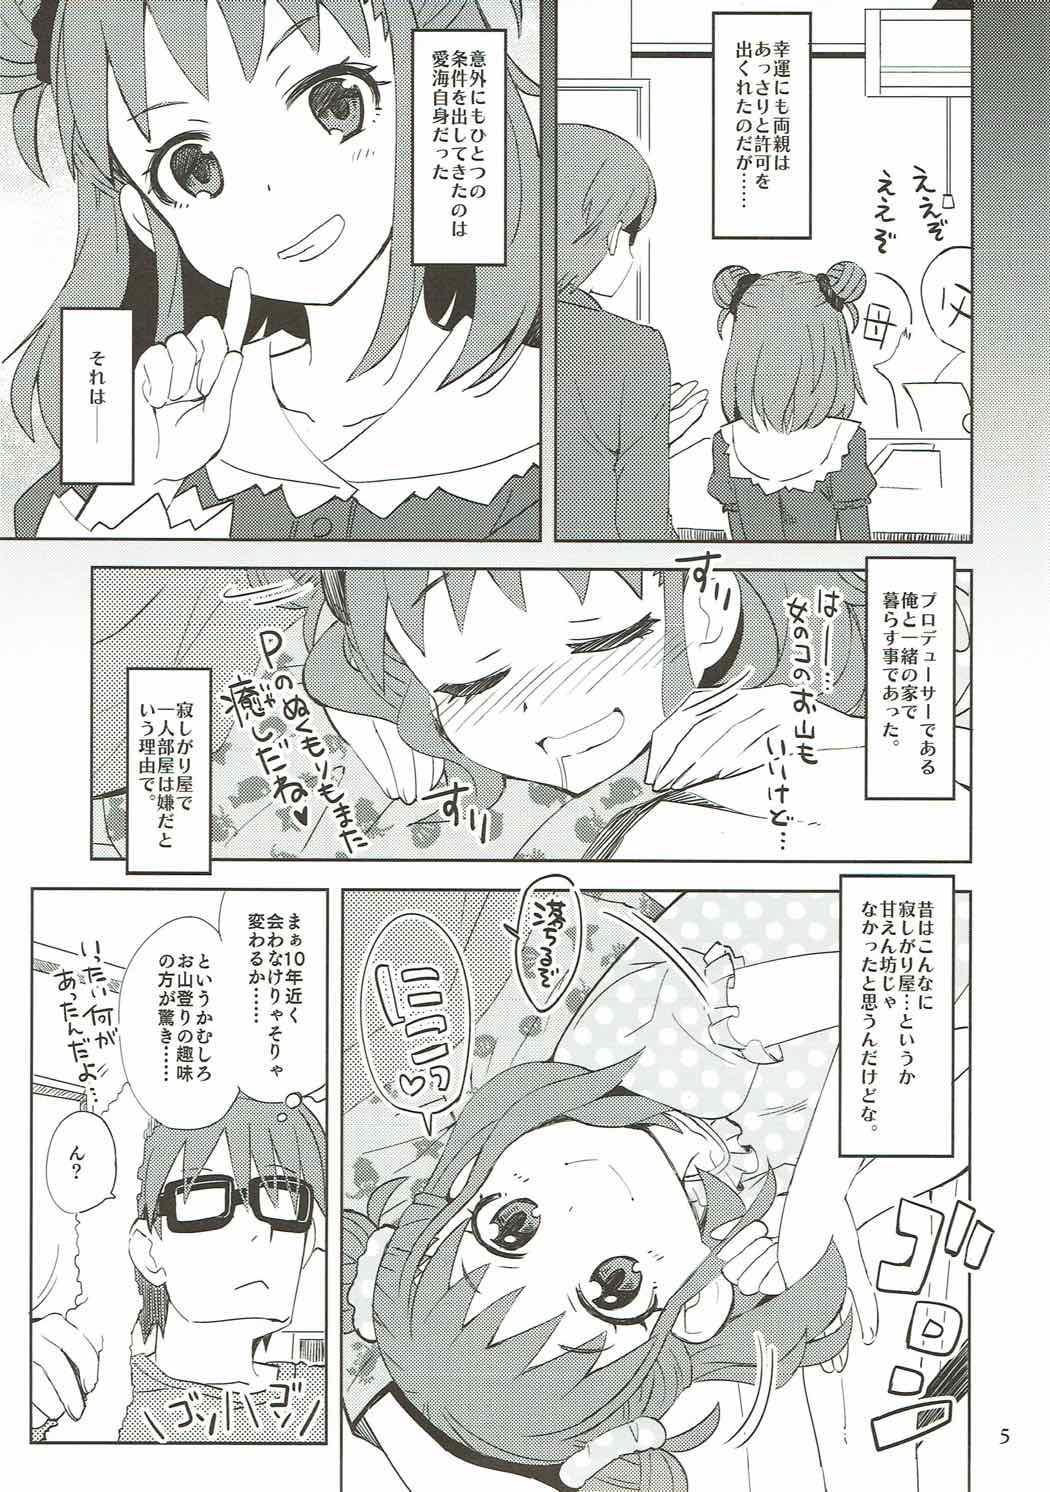 Samishigariya no Ai wa Umi yori mo Fukaku, Yama yori mo Yawai. 3